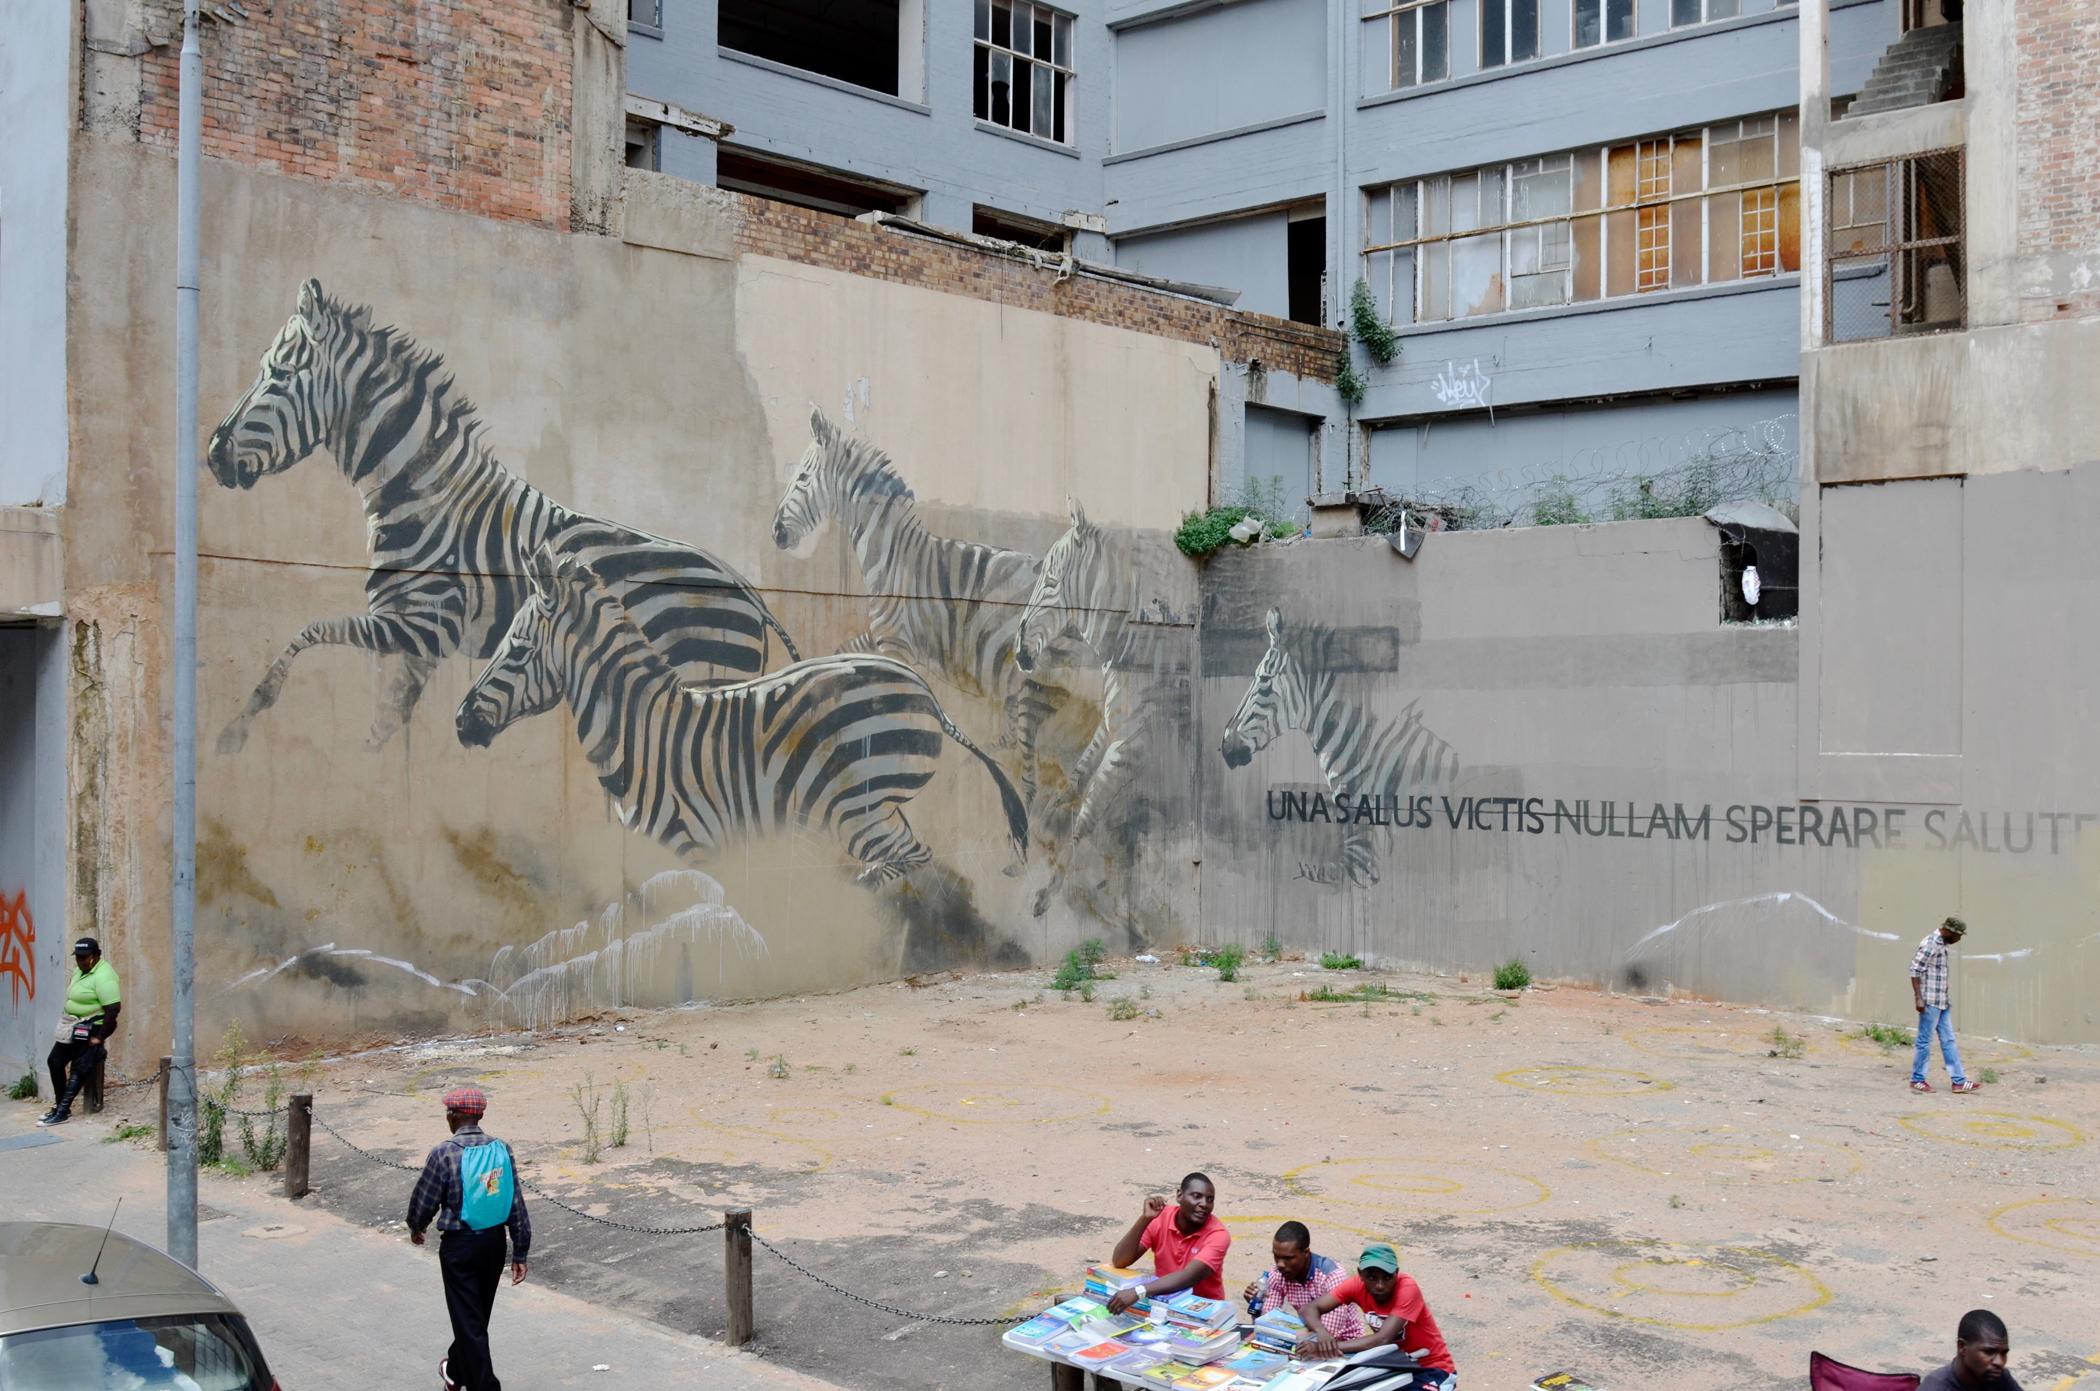 Auf einem Südafrika Roadtrip sieht man auch Johannesburg